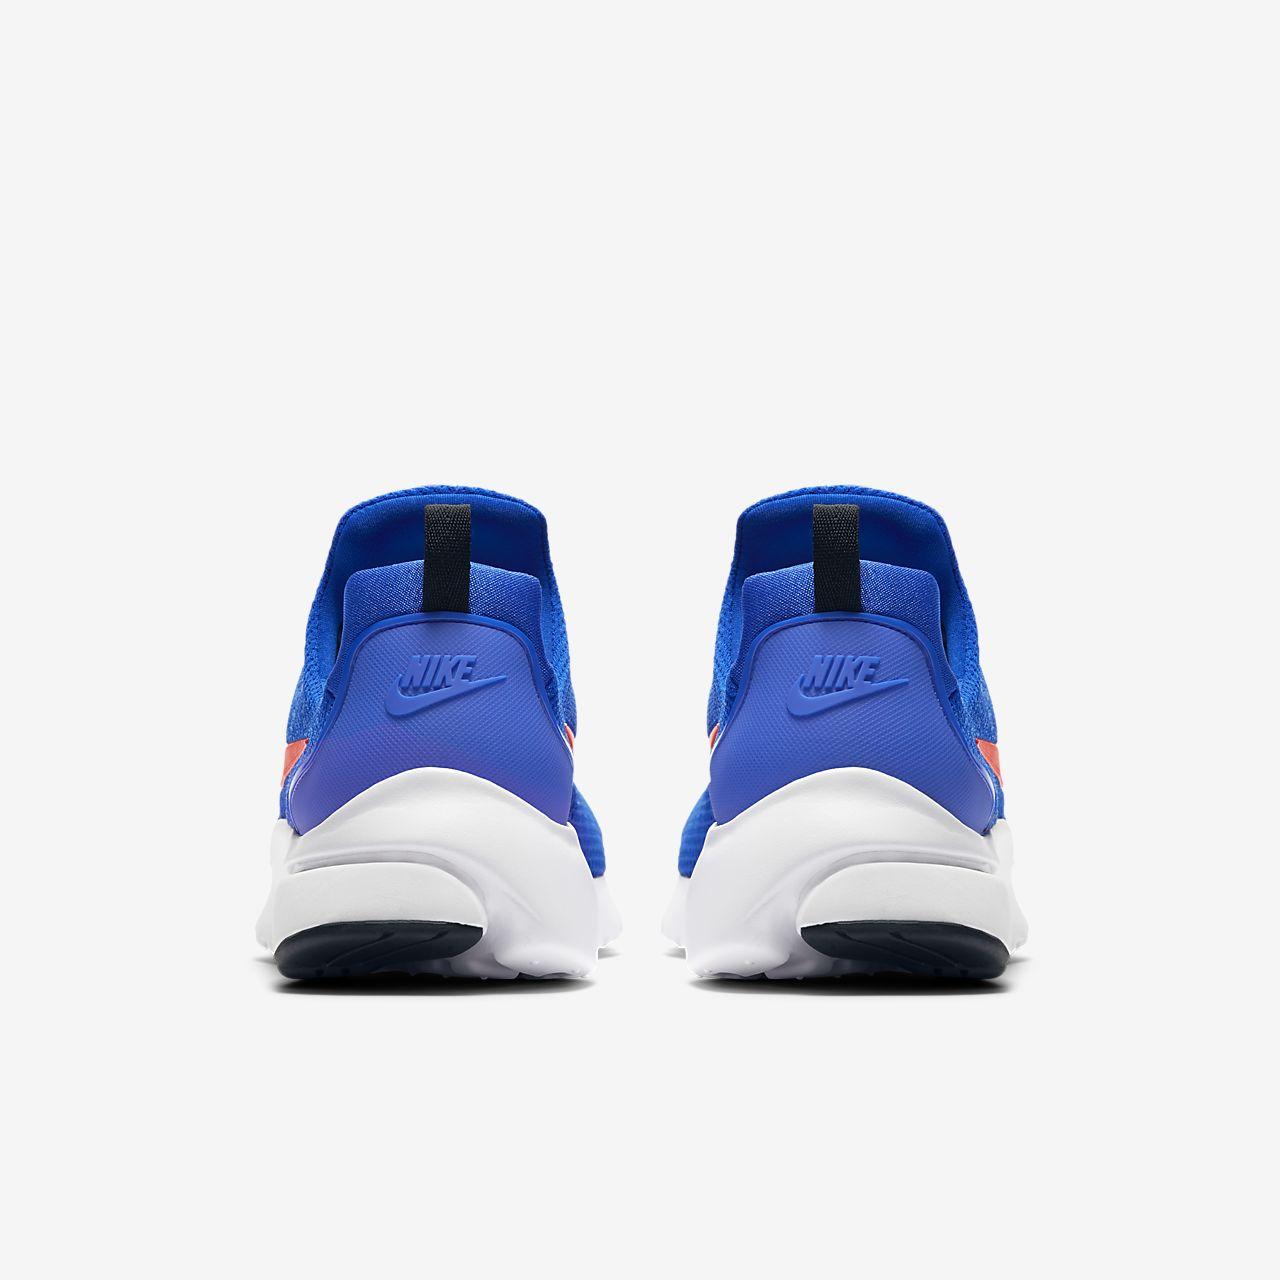 5672e1e78a570 Low Resolution Nike Presto Fly Men s Shoe Nike Presto Fly Men s Shoe